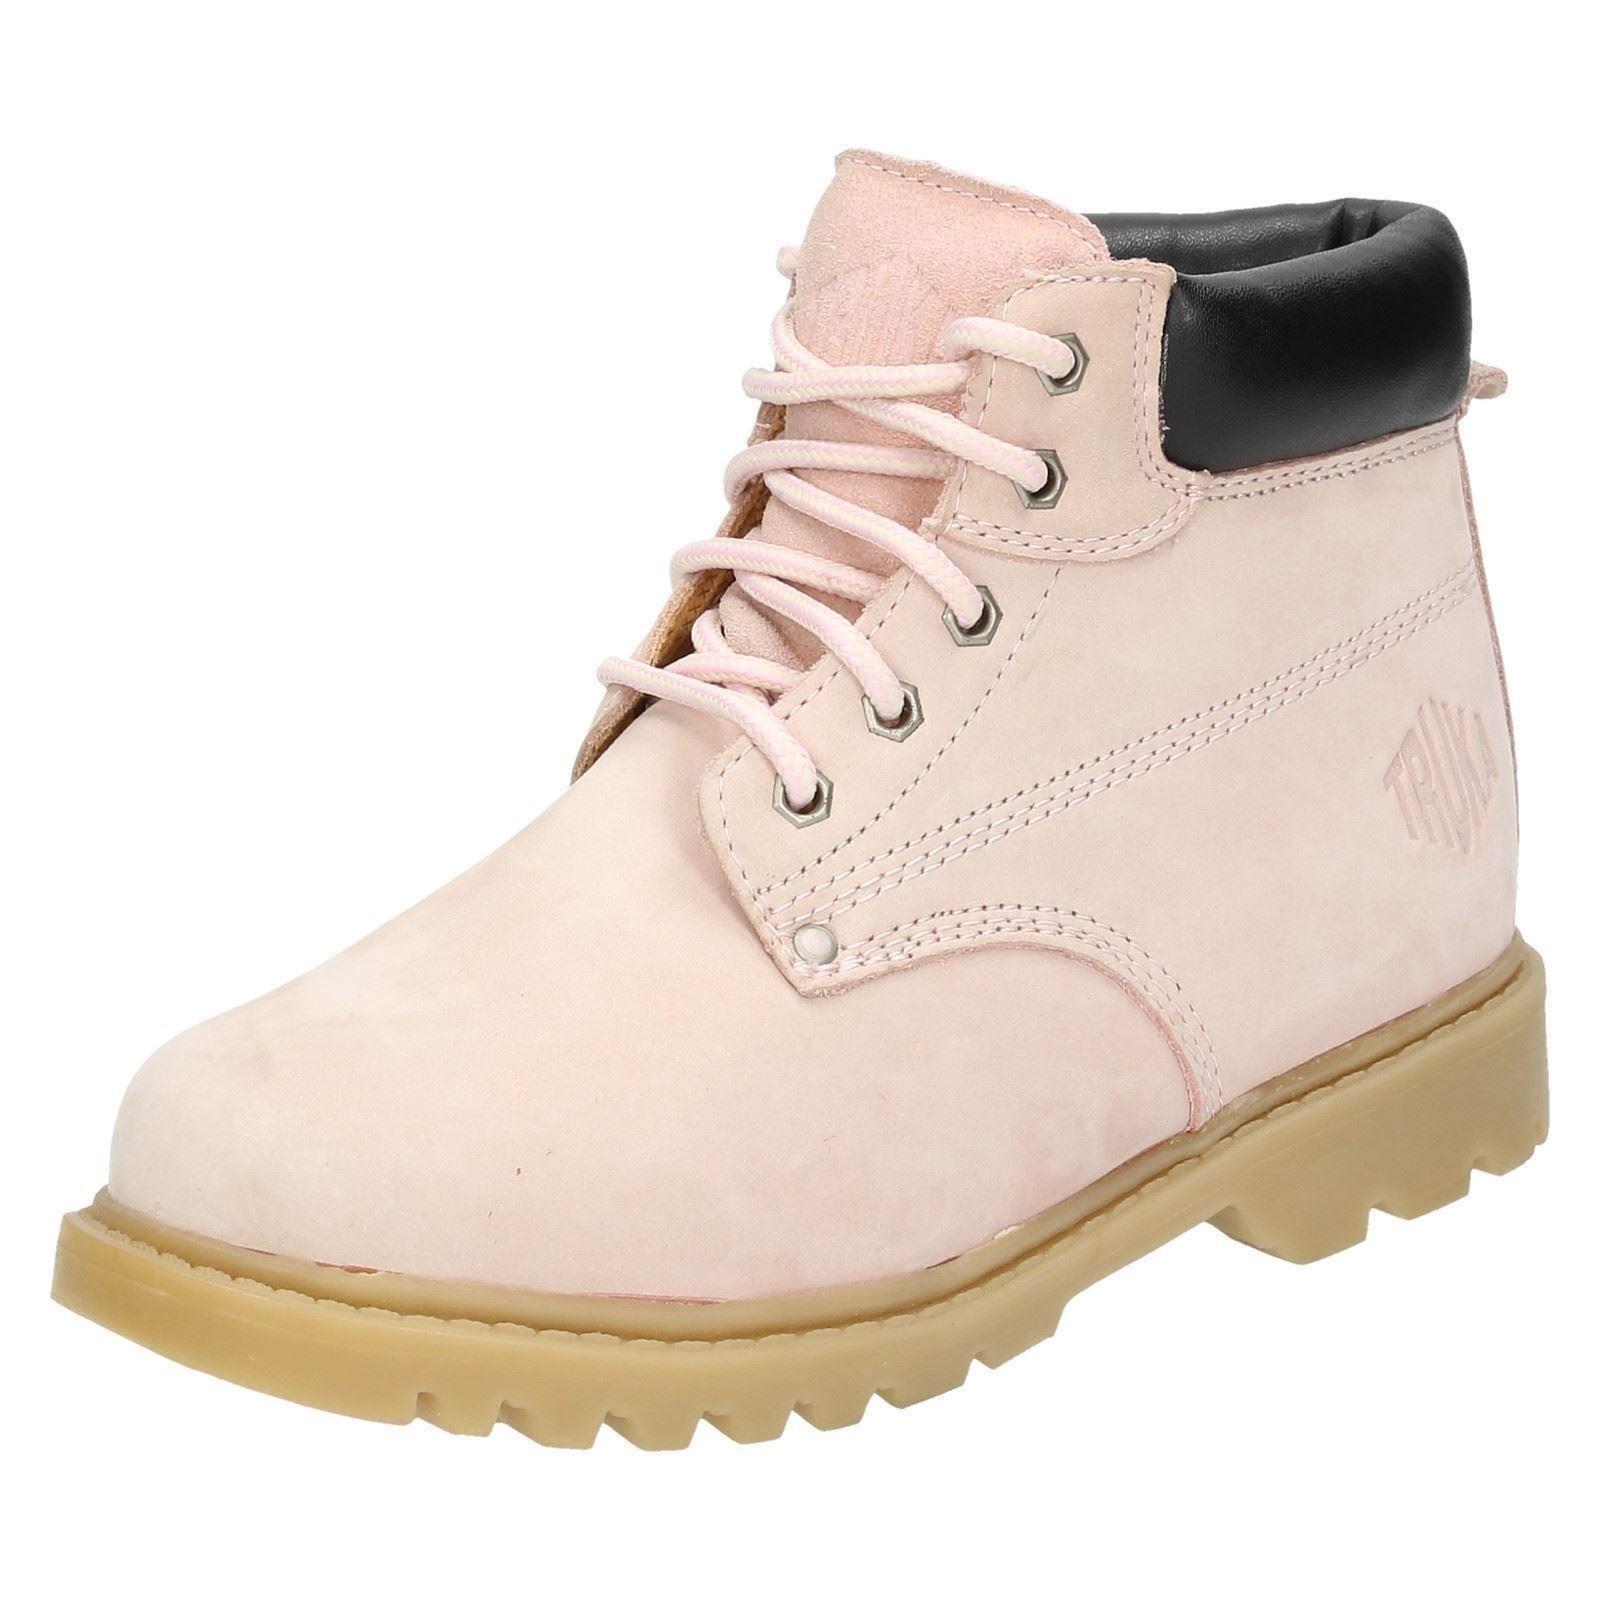 Señoras Truka Con Cordones Caminar/Senderismo/botas de trabajo Mal 55' Etiqueta ~ K